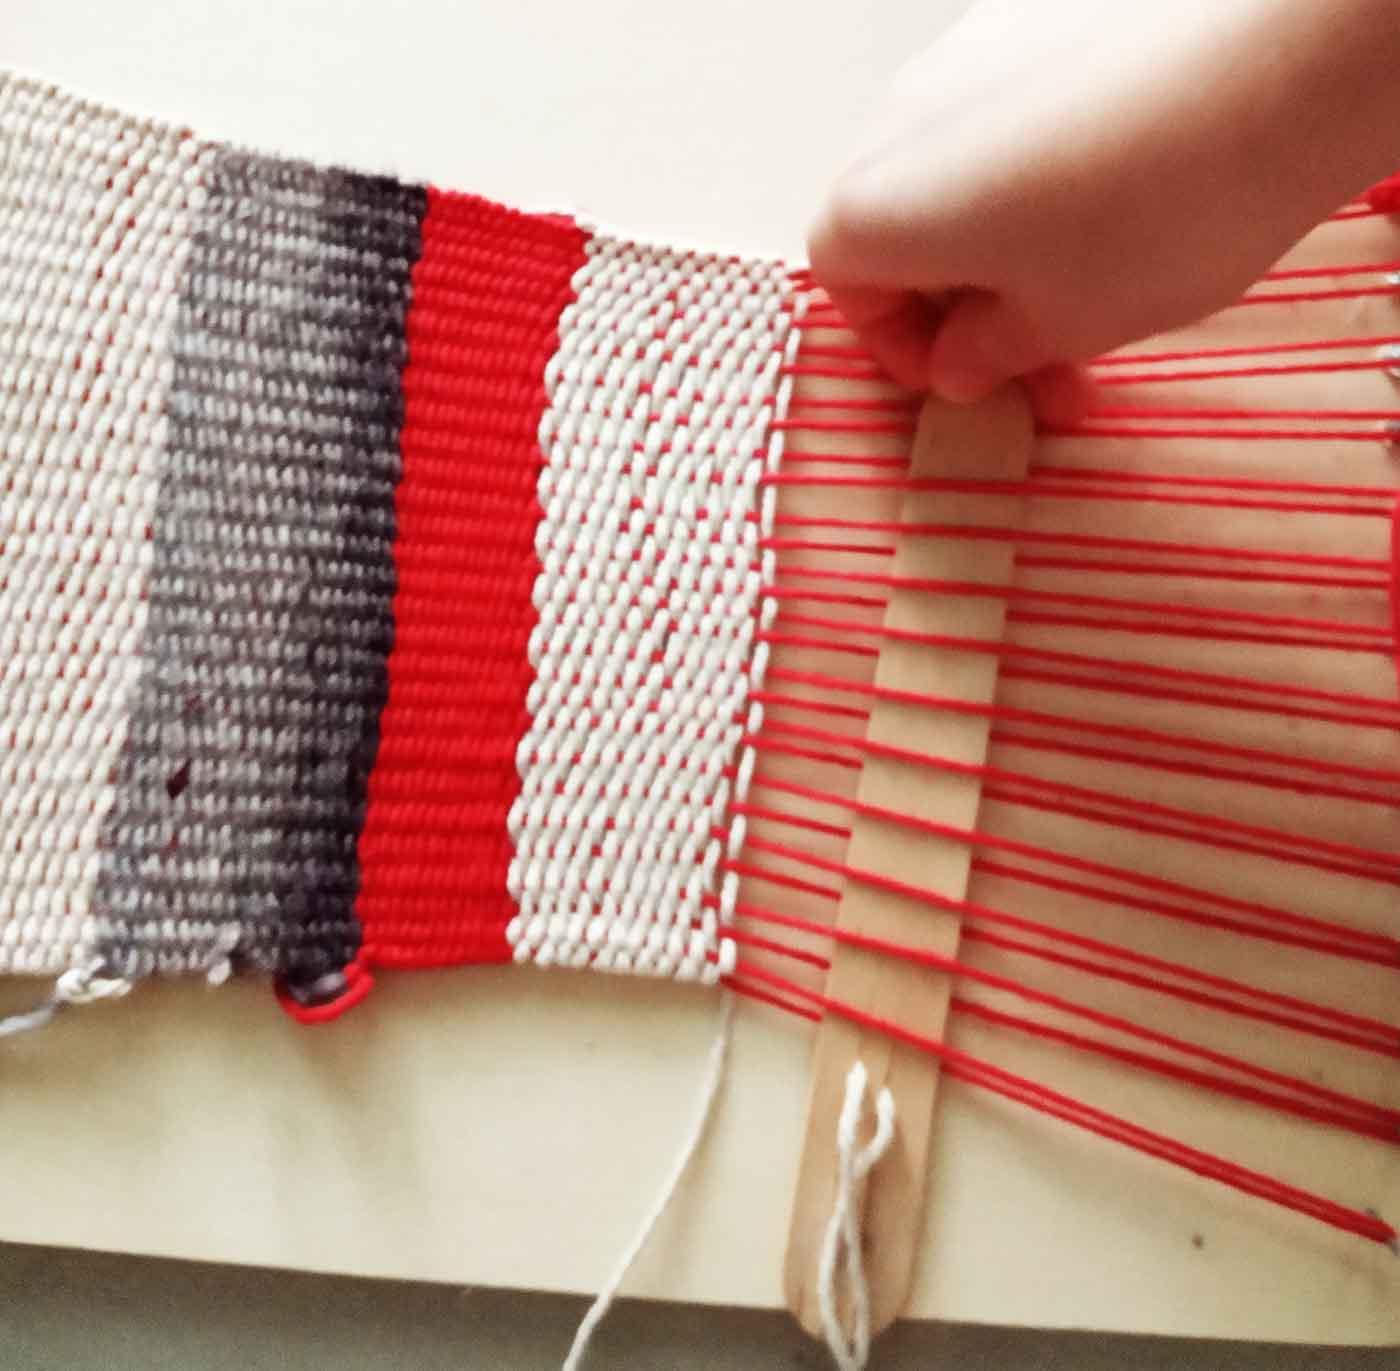 Πως θα φτιάξετε ένα μαγικό χαλί στον αυτοσχέδιο αργαλειό σας -Thisisus.gr